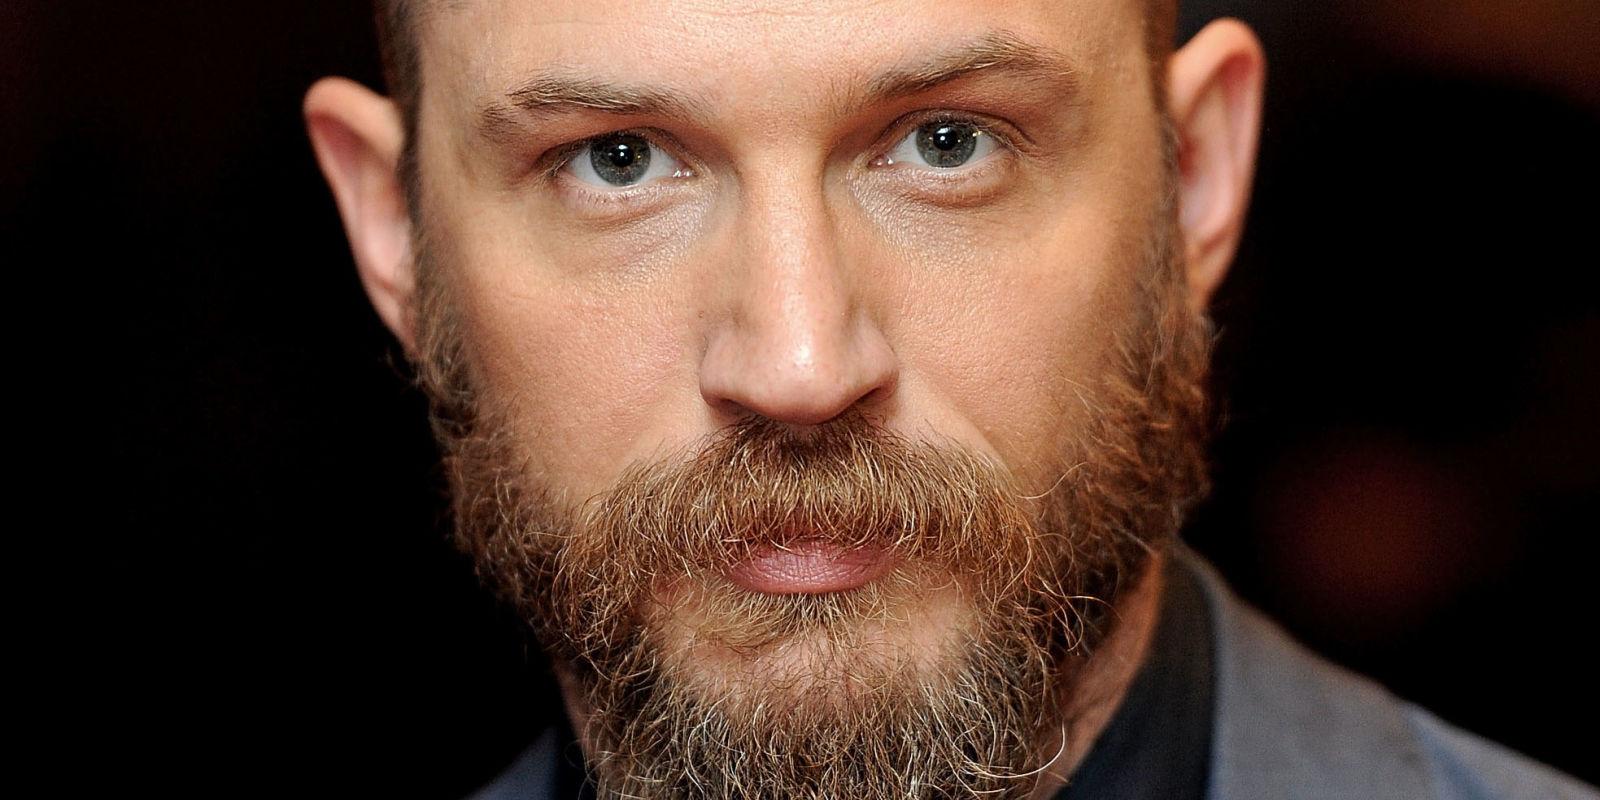 Men'S Beard Styles - Celebrity Beard And Mustache Styles